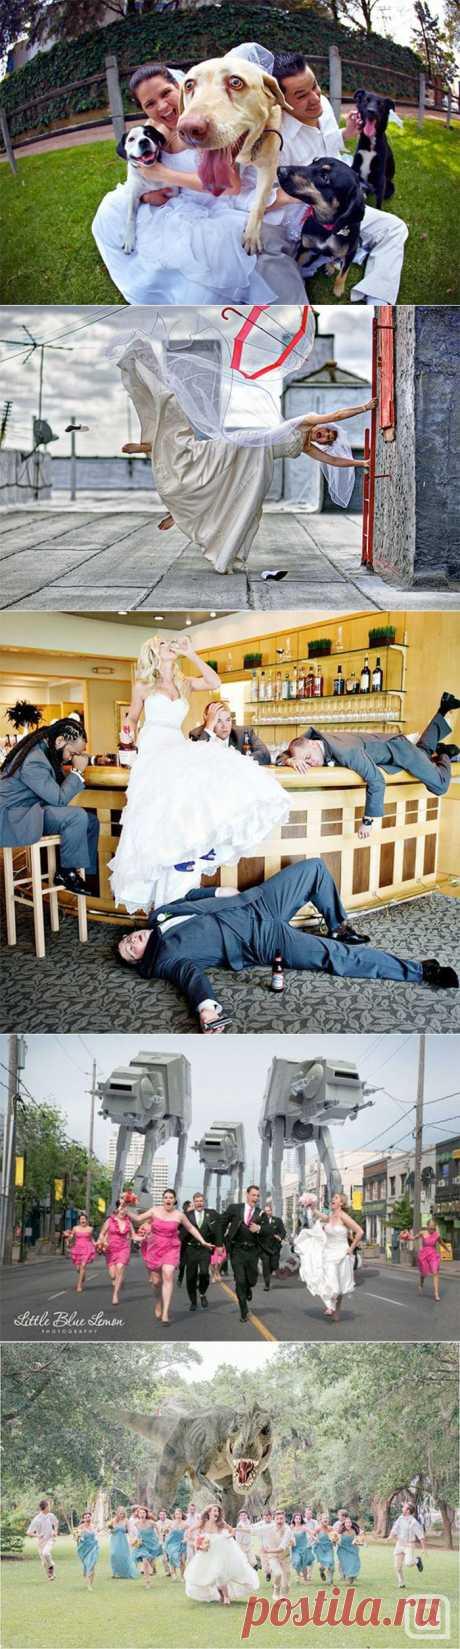 Обзор необычных свадебных фотографий | Фотография | Фотография